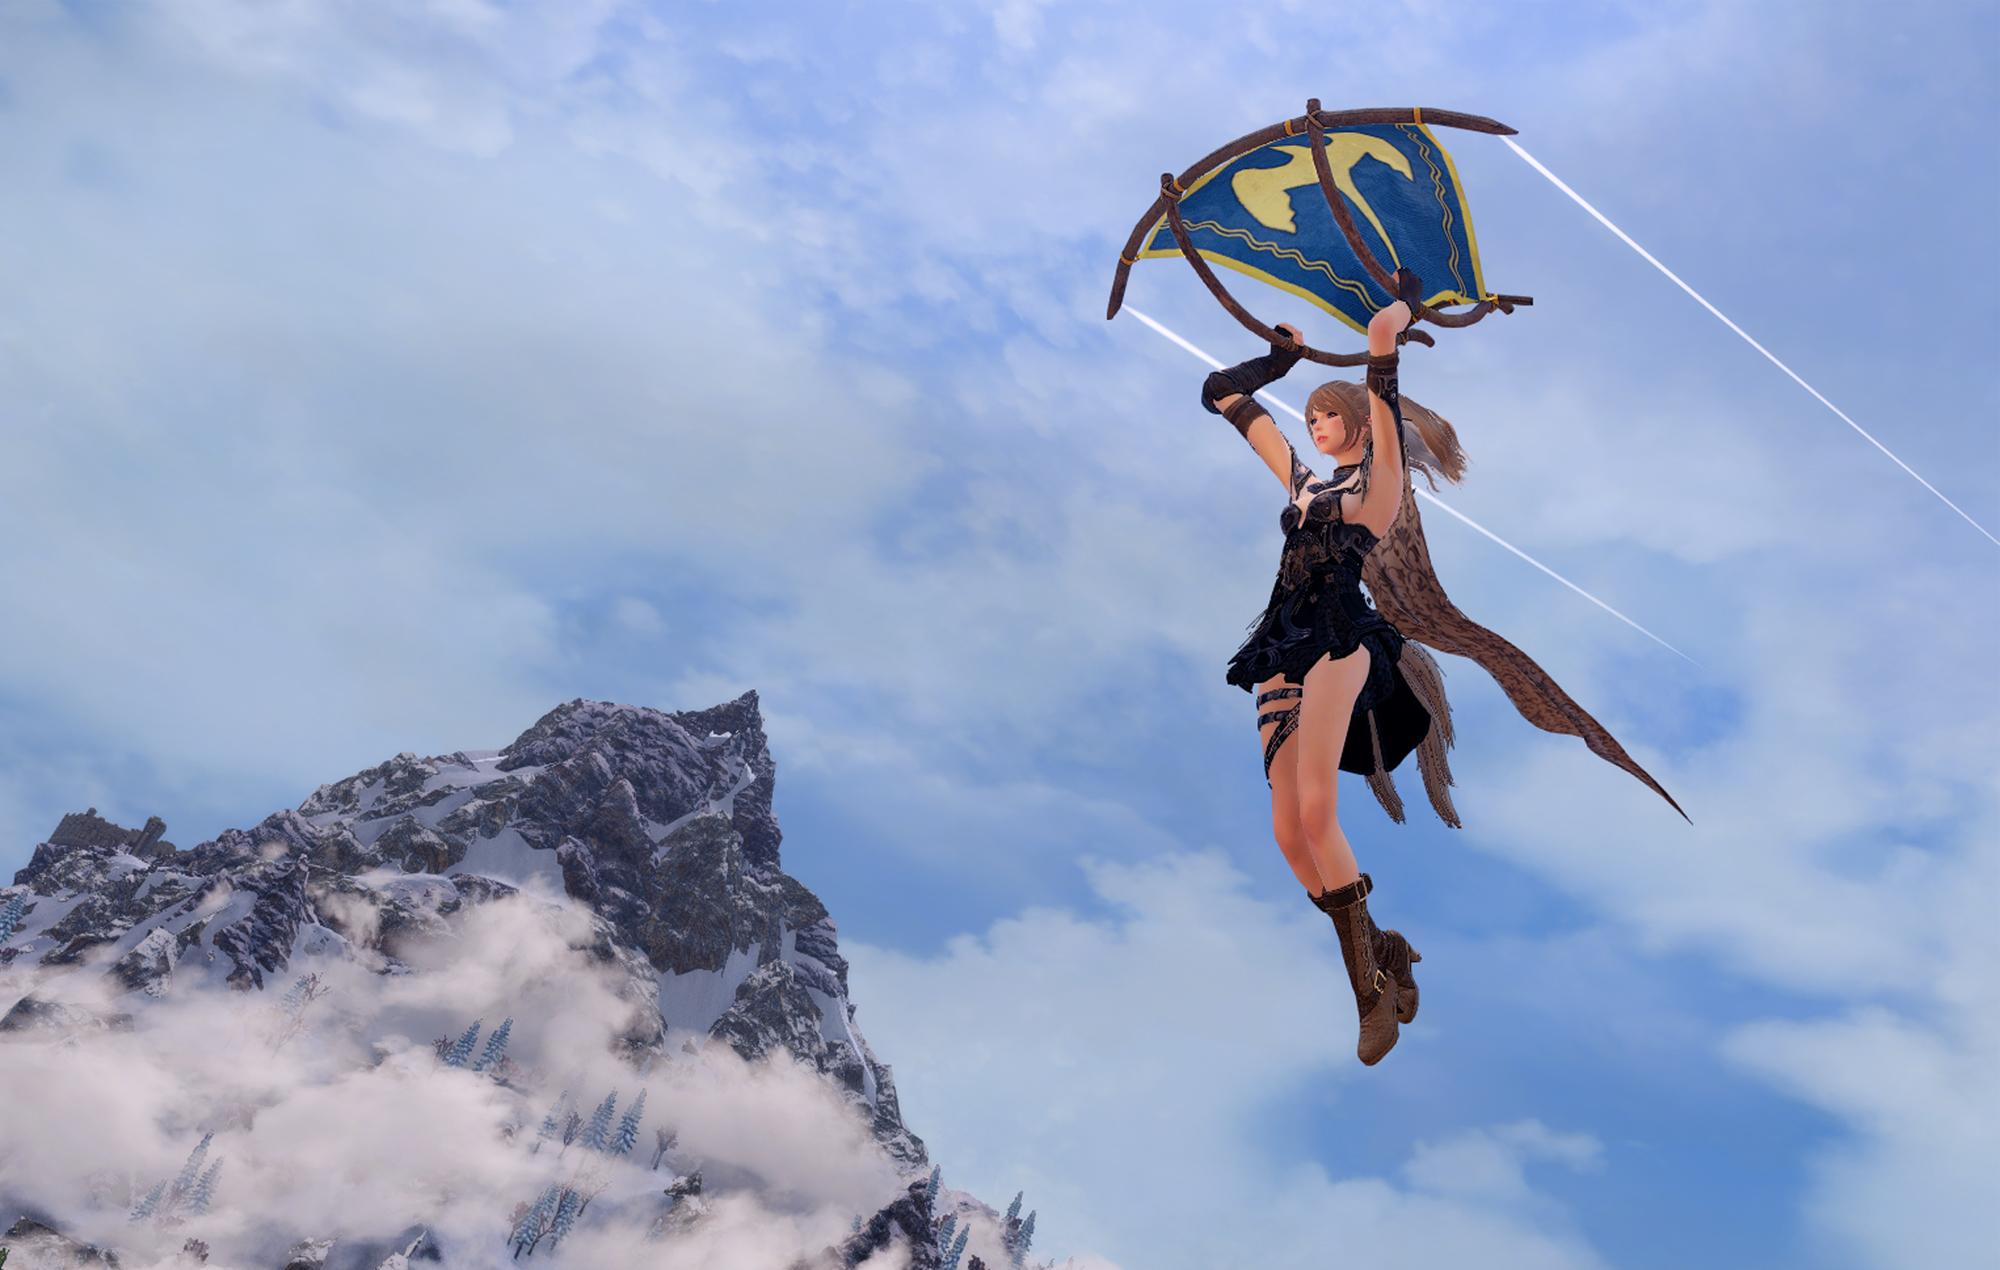 Skyrim/Breath of the Wild paraglider mod